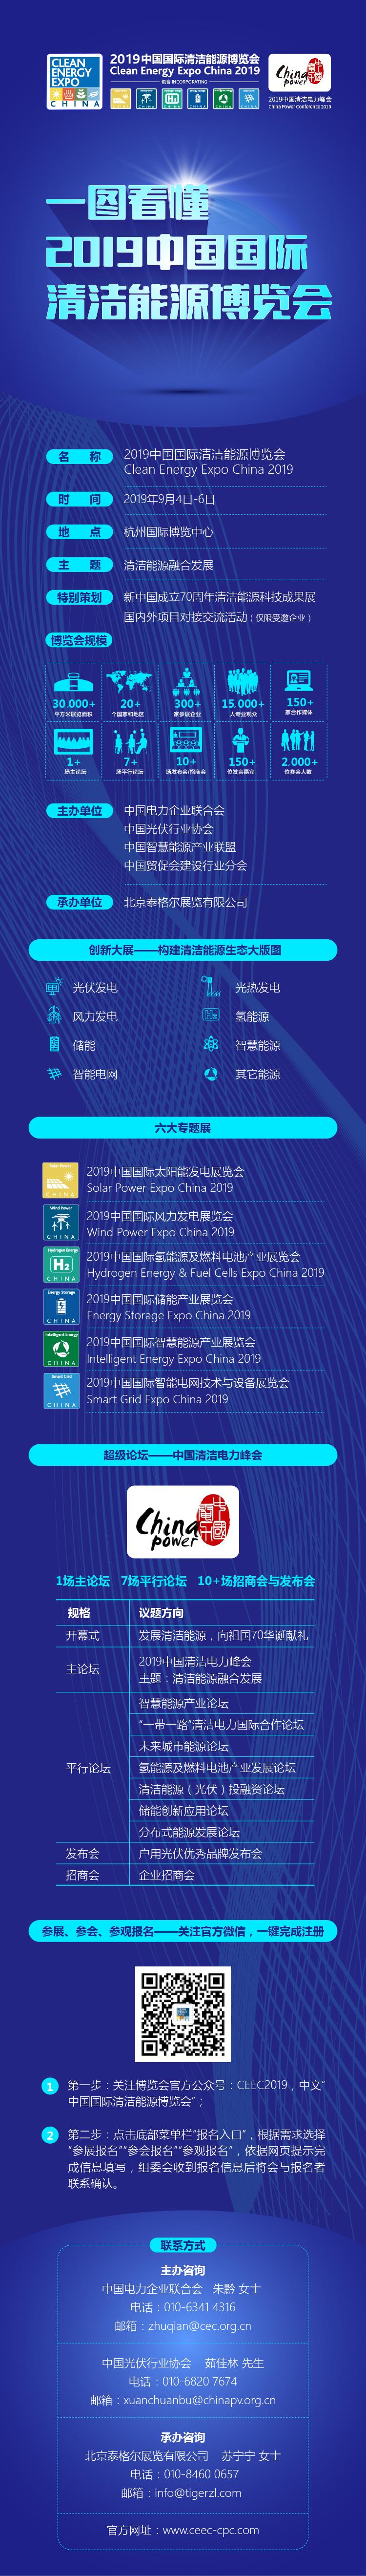 一图看懂2019中国国际清洁能源博览会